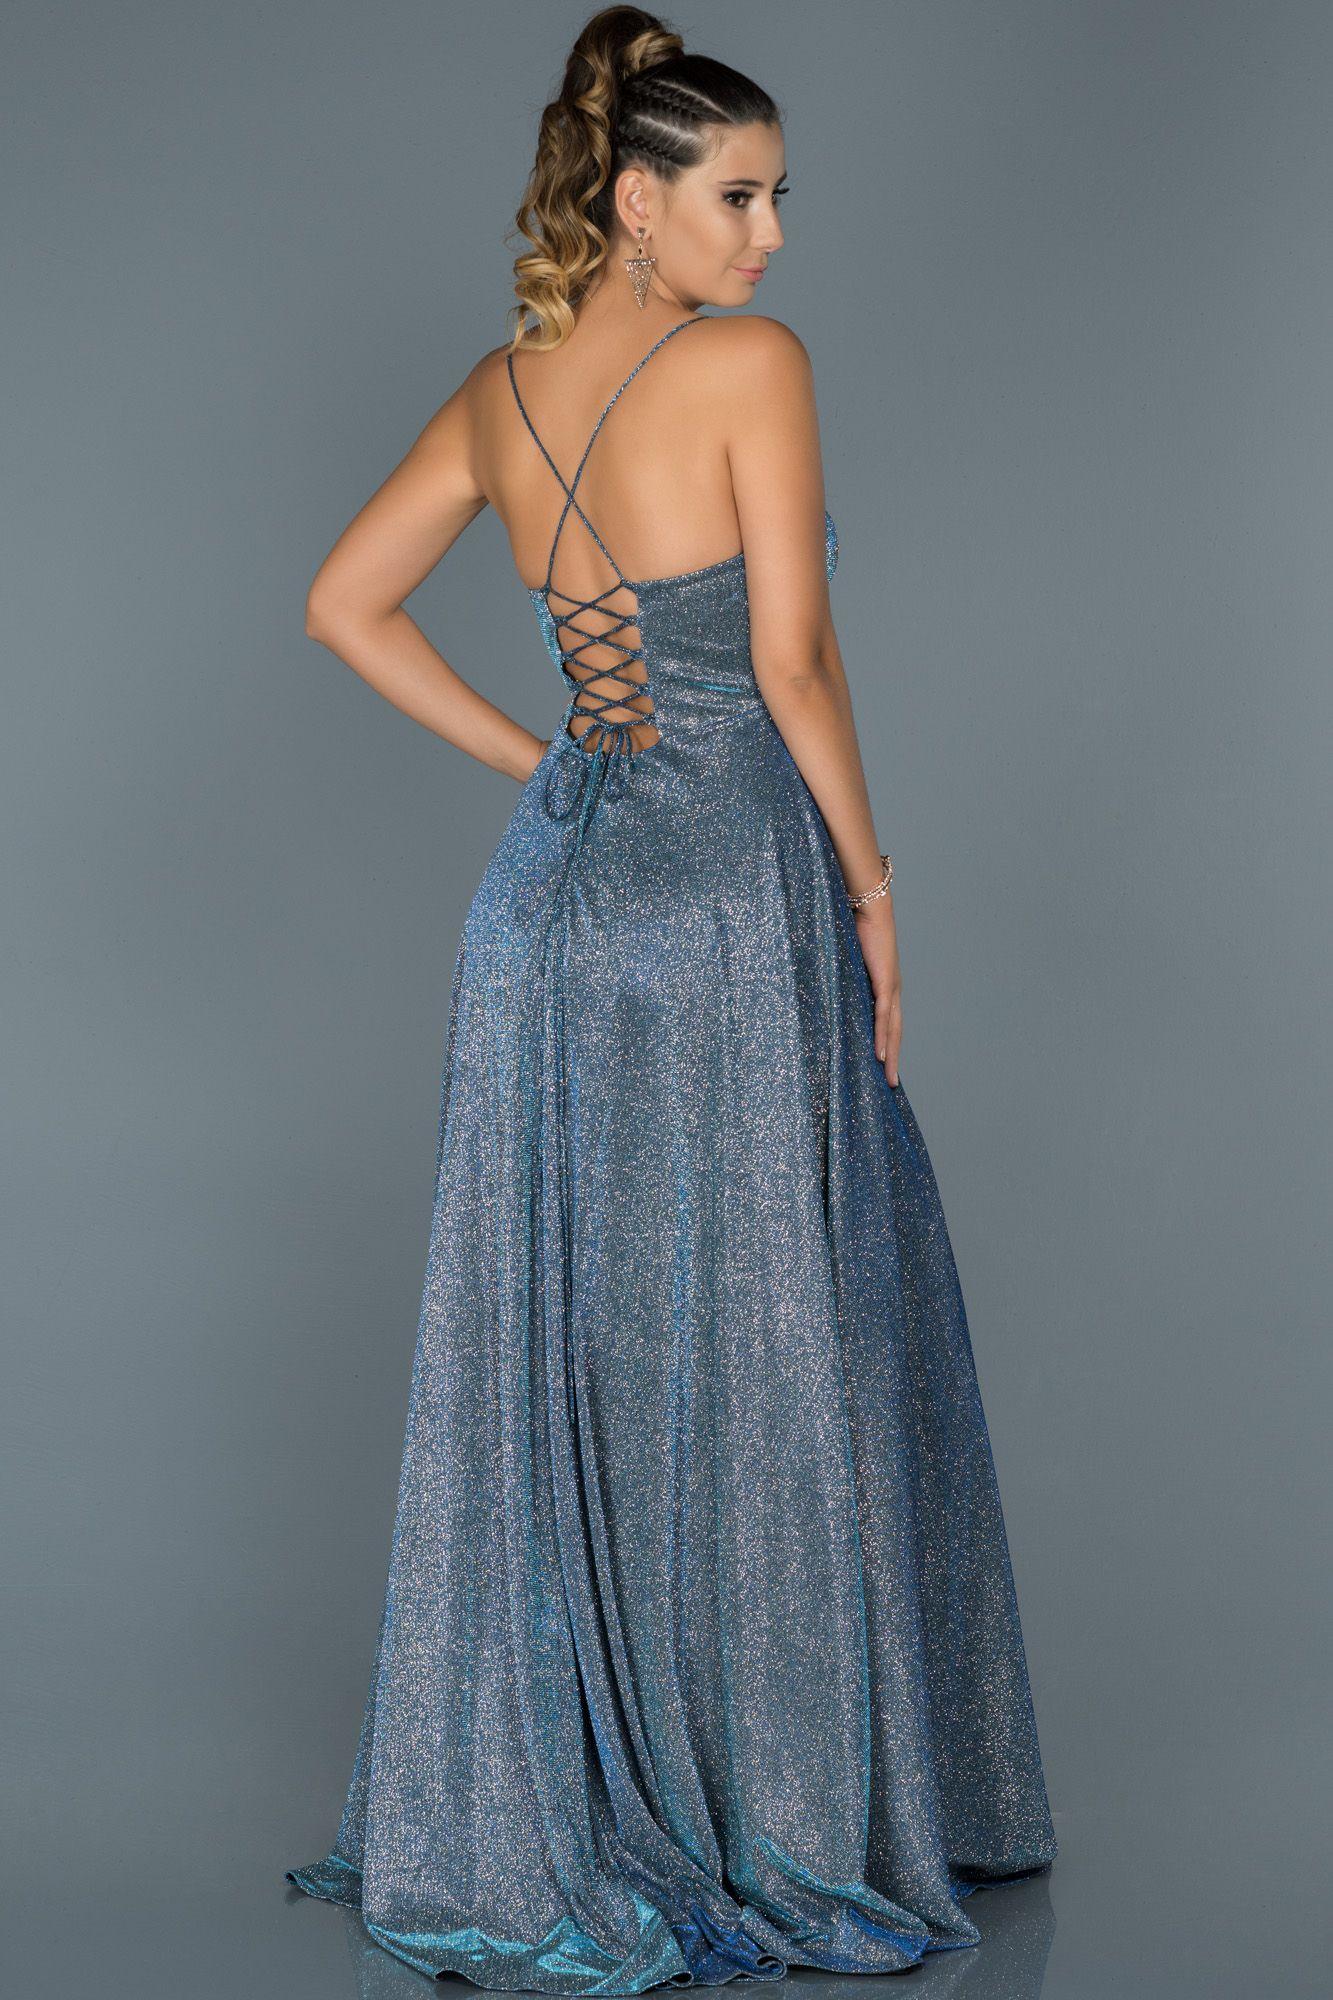 Saks Mavi Sirt Dekolteli Uzun Simli Abiye Abu451 Elbise Modelleri Elbiseler Resmi Elbise